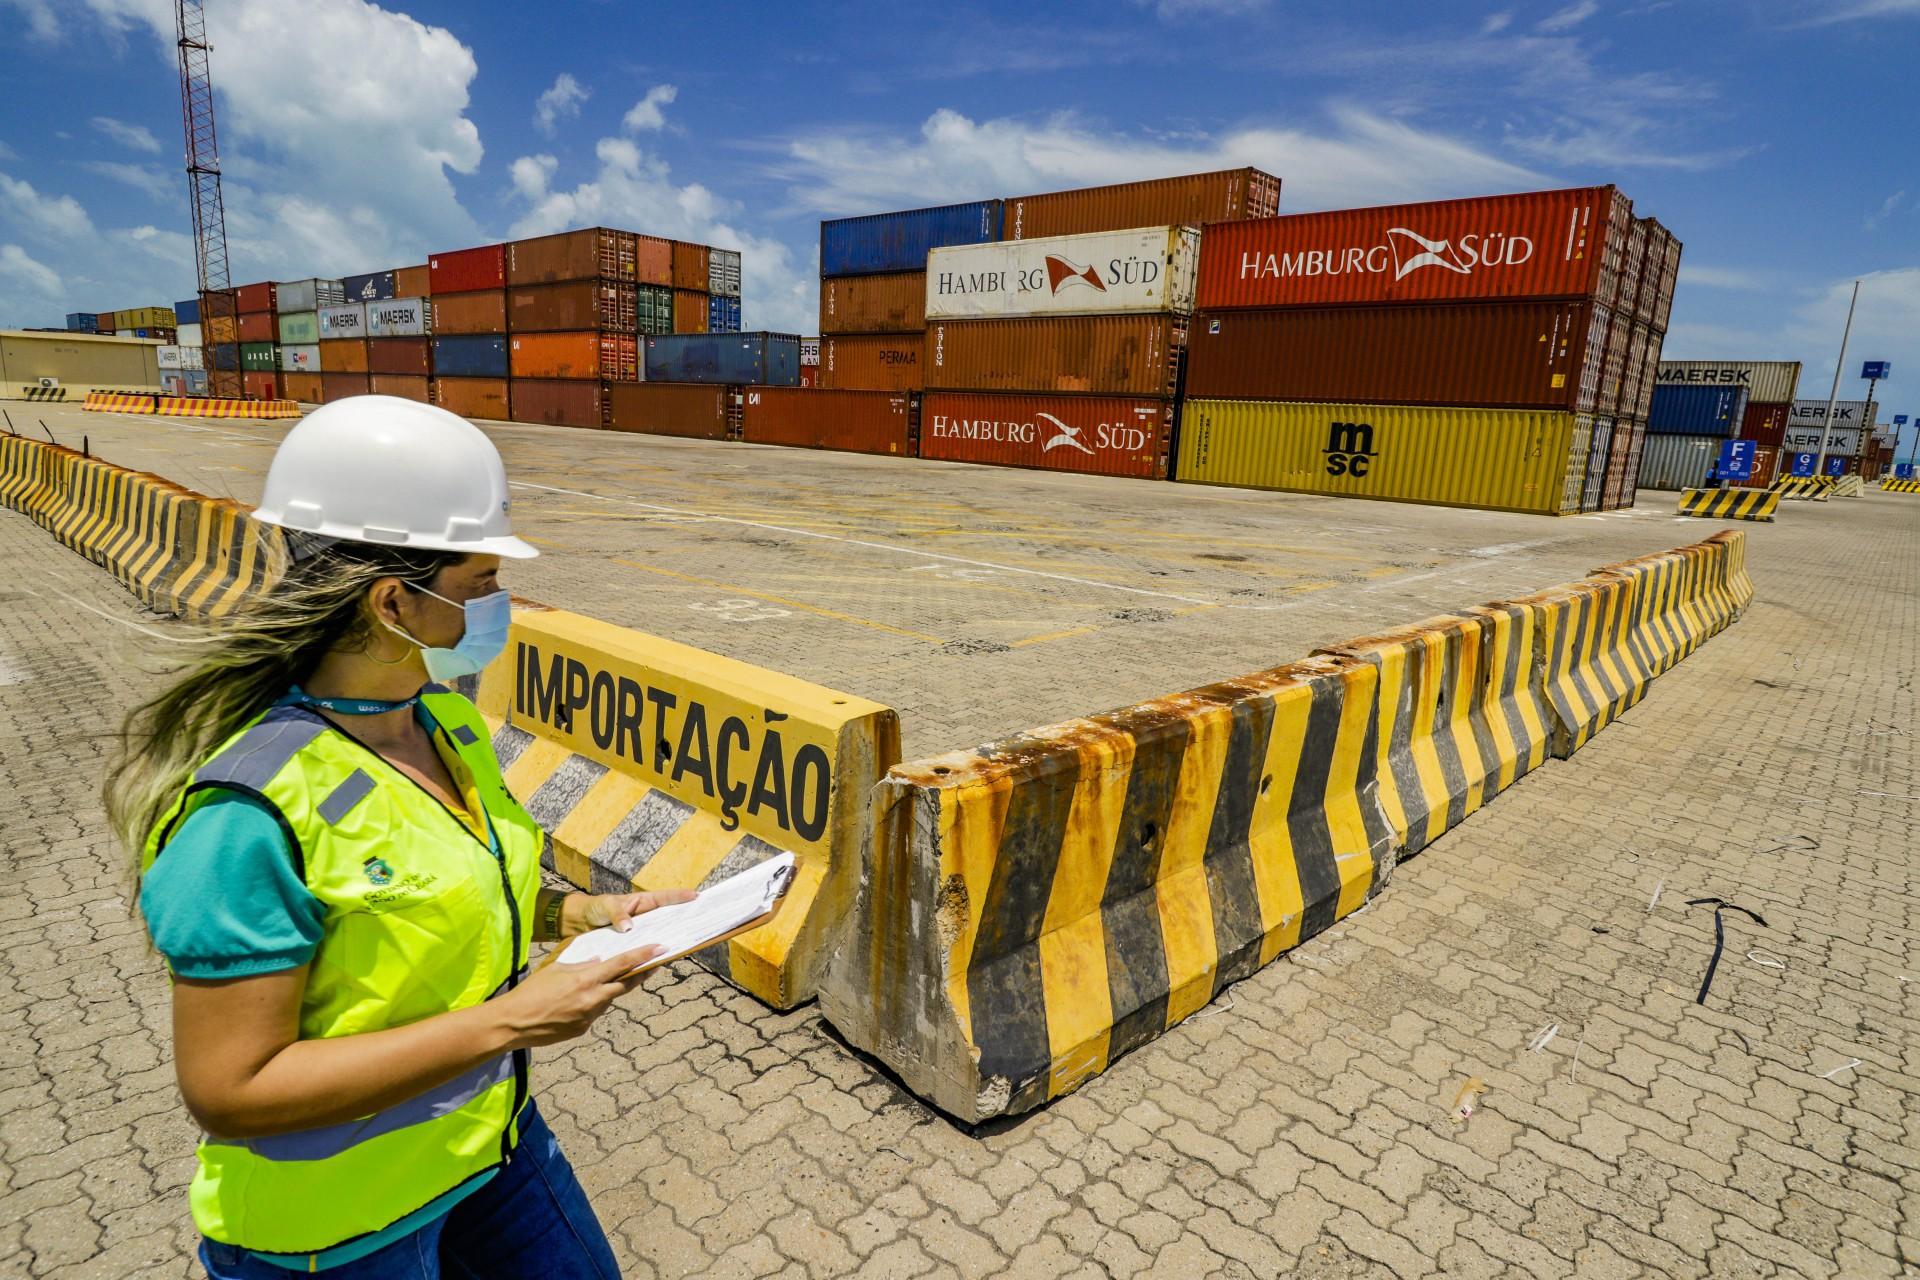 Operações de compra e venda internacionais devem ser impulsionadas no Estado com novo hub (Foto: FCO FONTENELE)